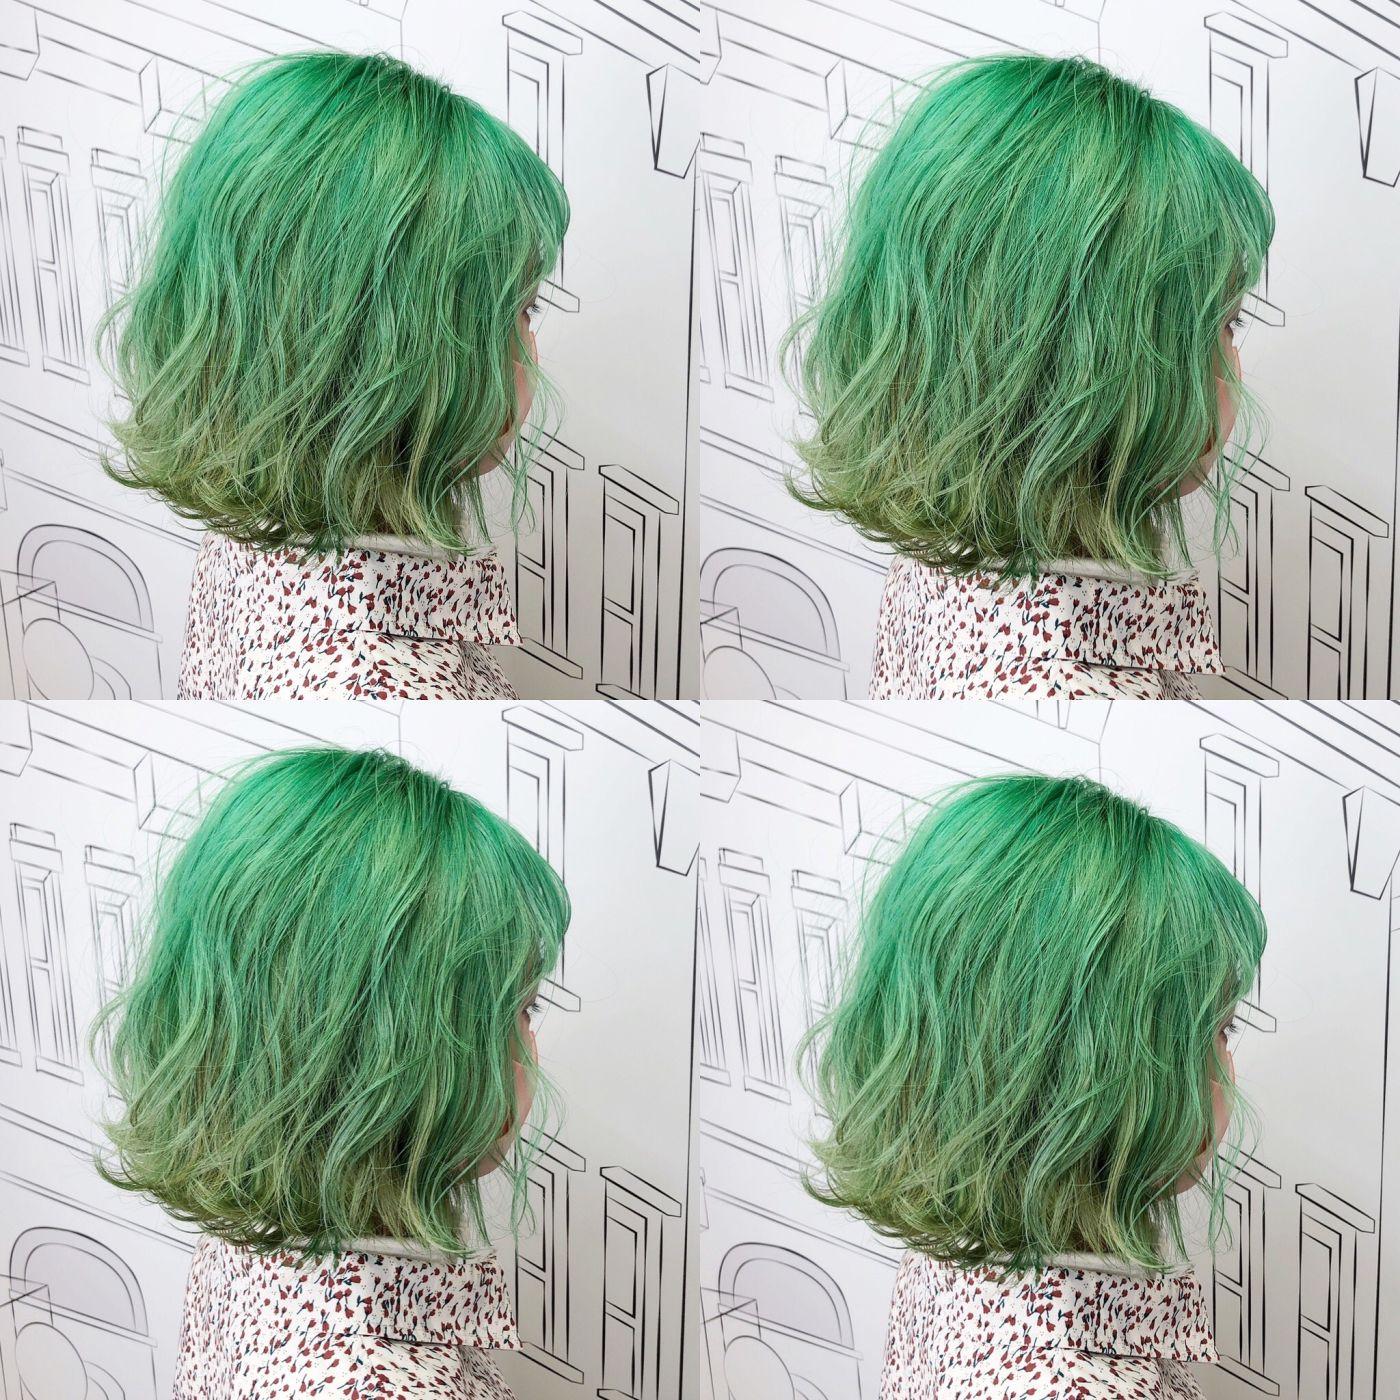 【番外編】全体ブリーチ×カラートリートメントでとことん目立つ派手髪!『ミントカラー』